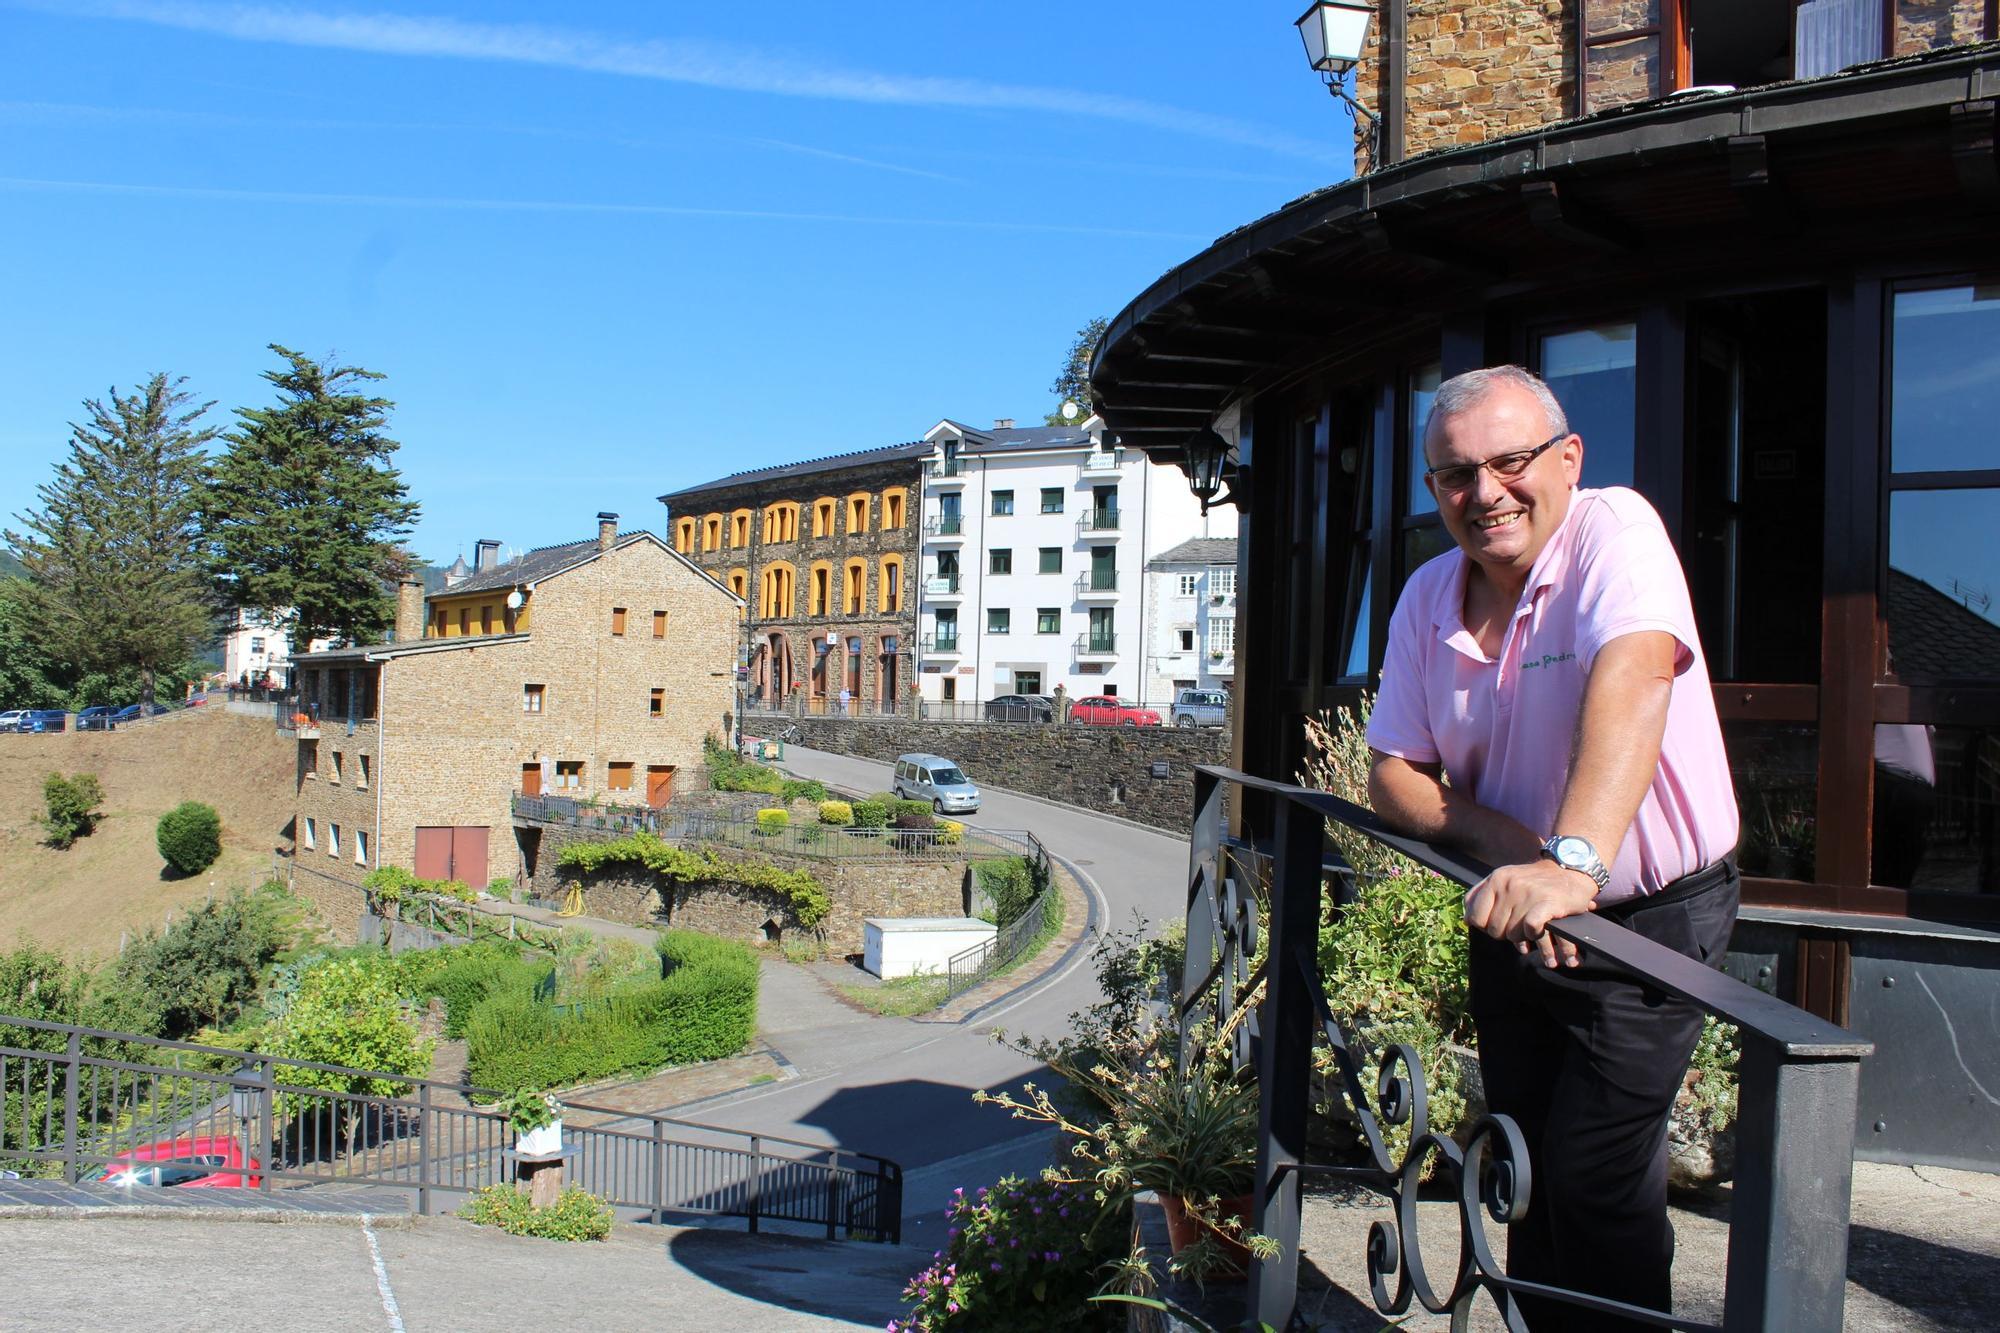 De guapo subido en Santalla (Santa Eulalia): Un balcón a la belleza de los Oscos